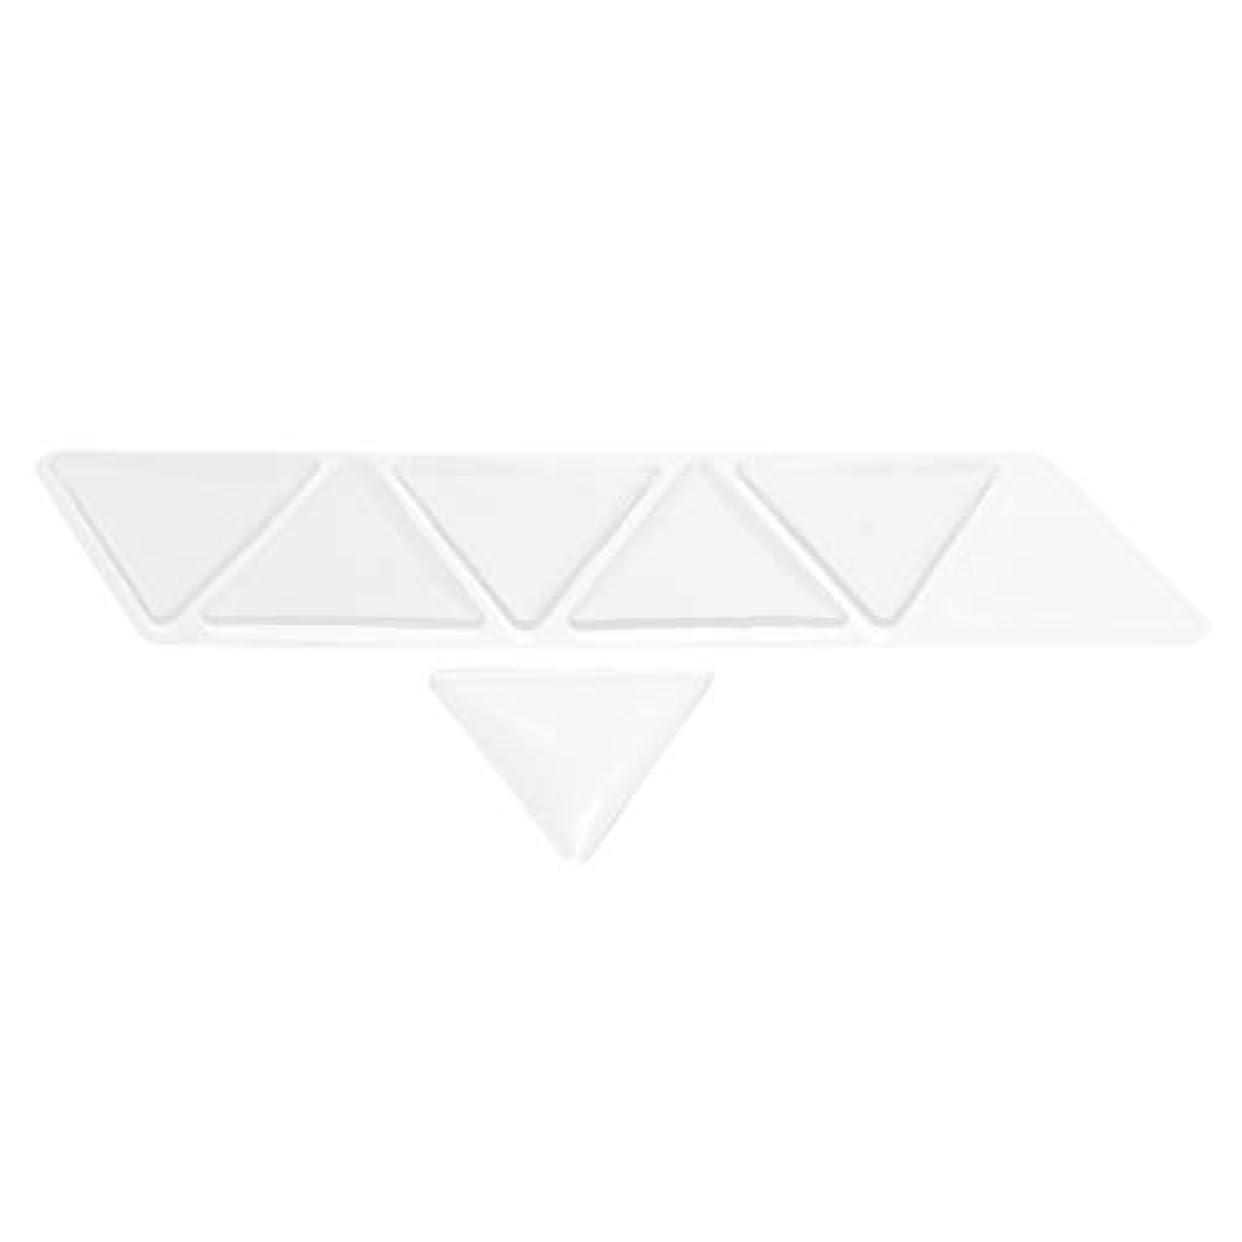 ずるい謝る強調額パッド シリコン 透明 額スキンケア 再利用可能な 目に見えない 三角パッド 6個セット